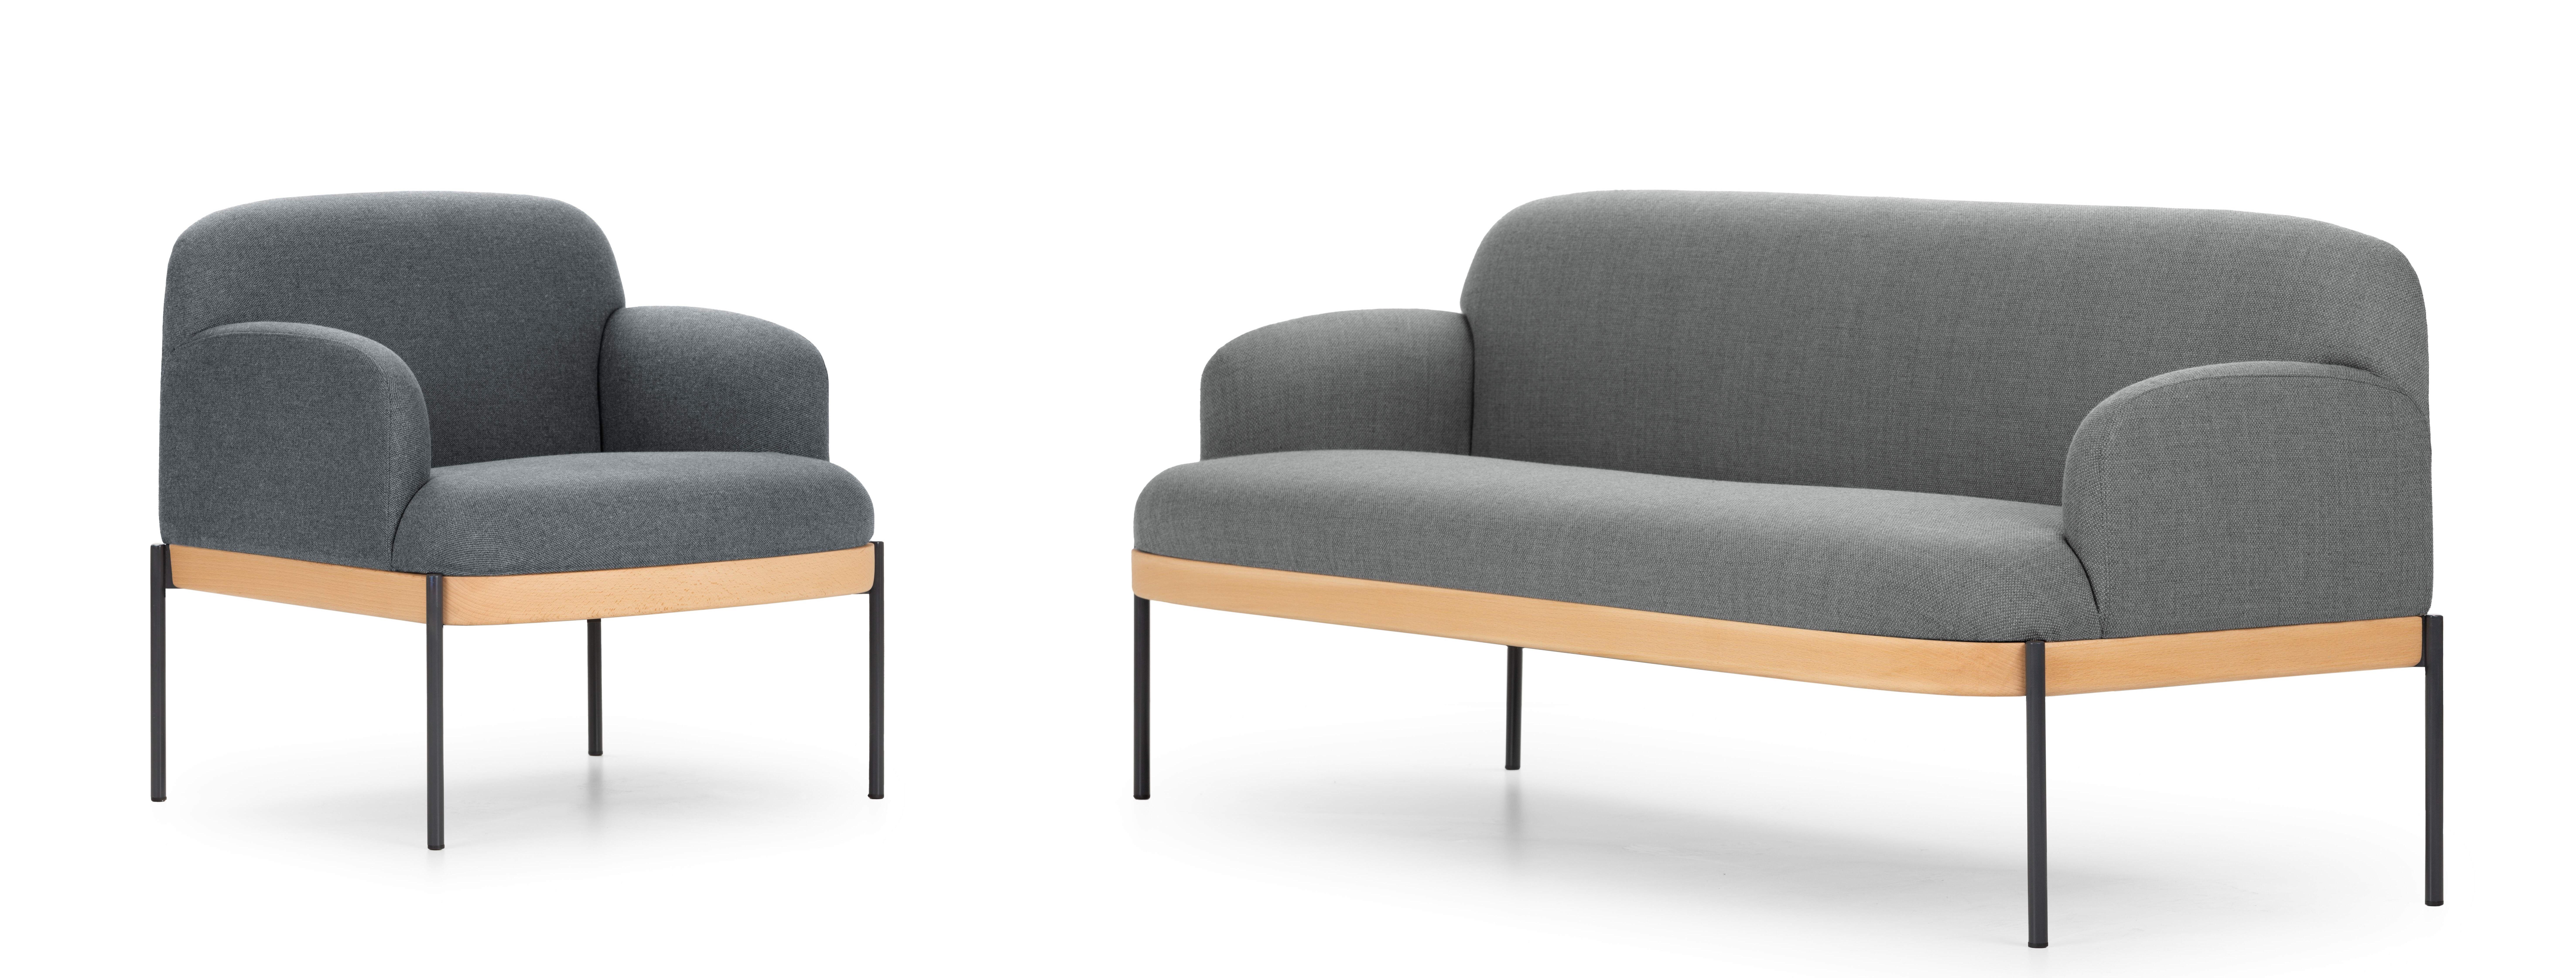 Organicke kreslo a sedacka v sivej farbe Abisko od True design